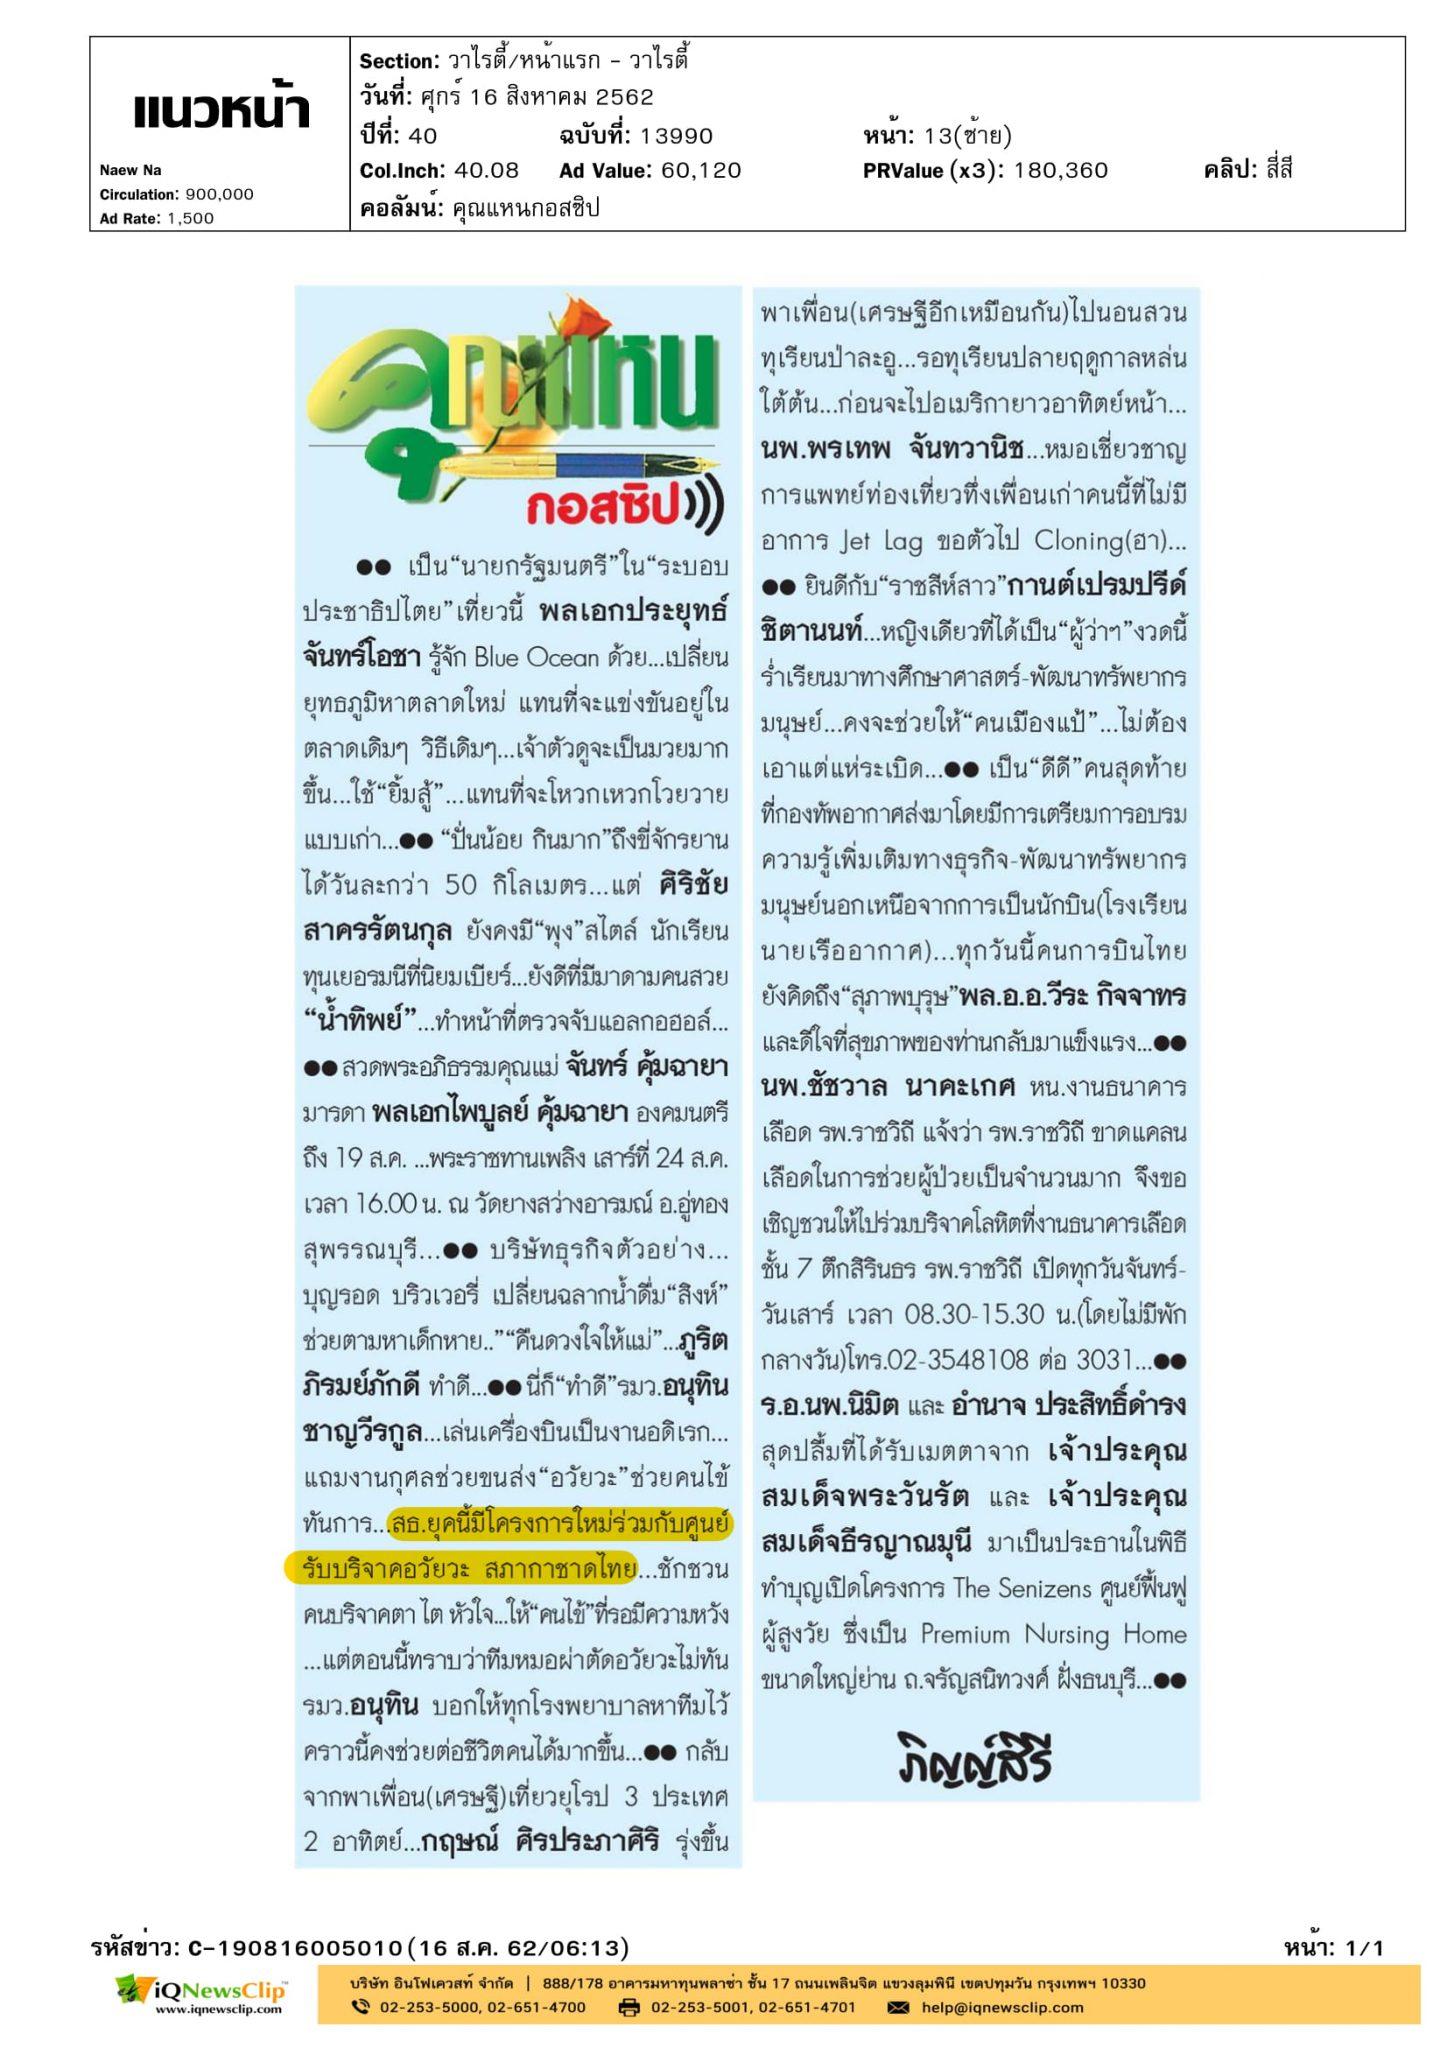 สภากาชาดไทย สนับสนุนการพัฒนาการรับบริจาคและปลูกถ่ายอวัยวะ